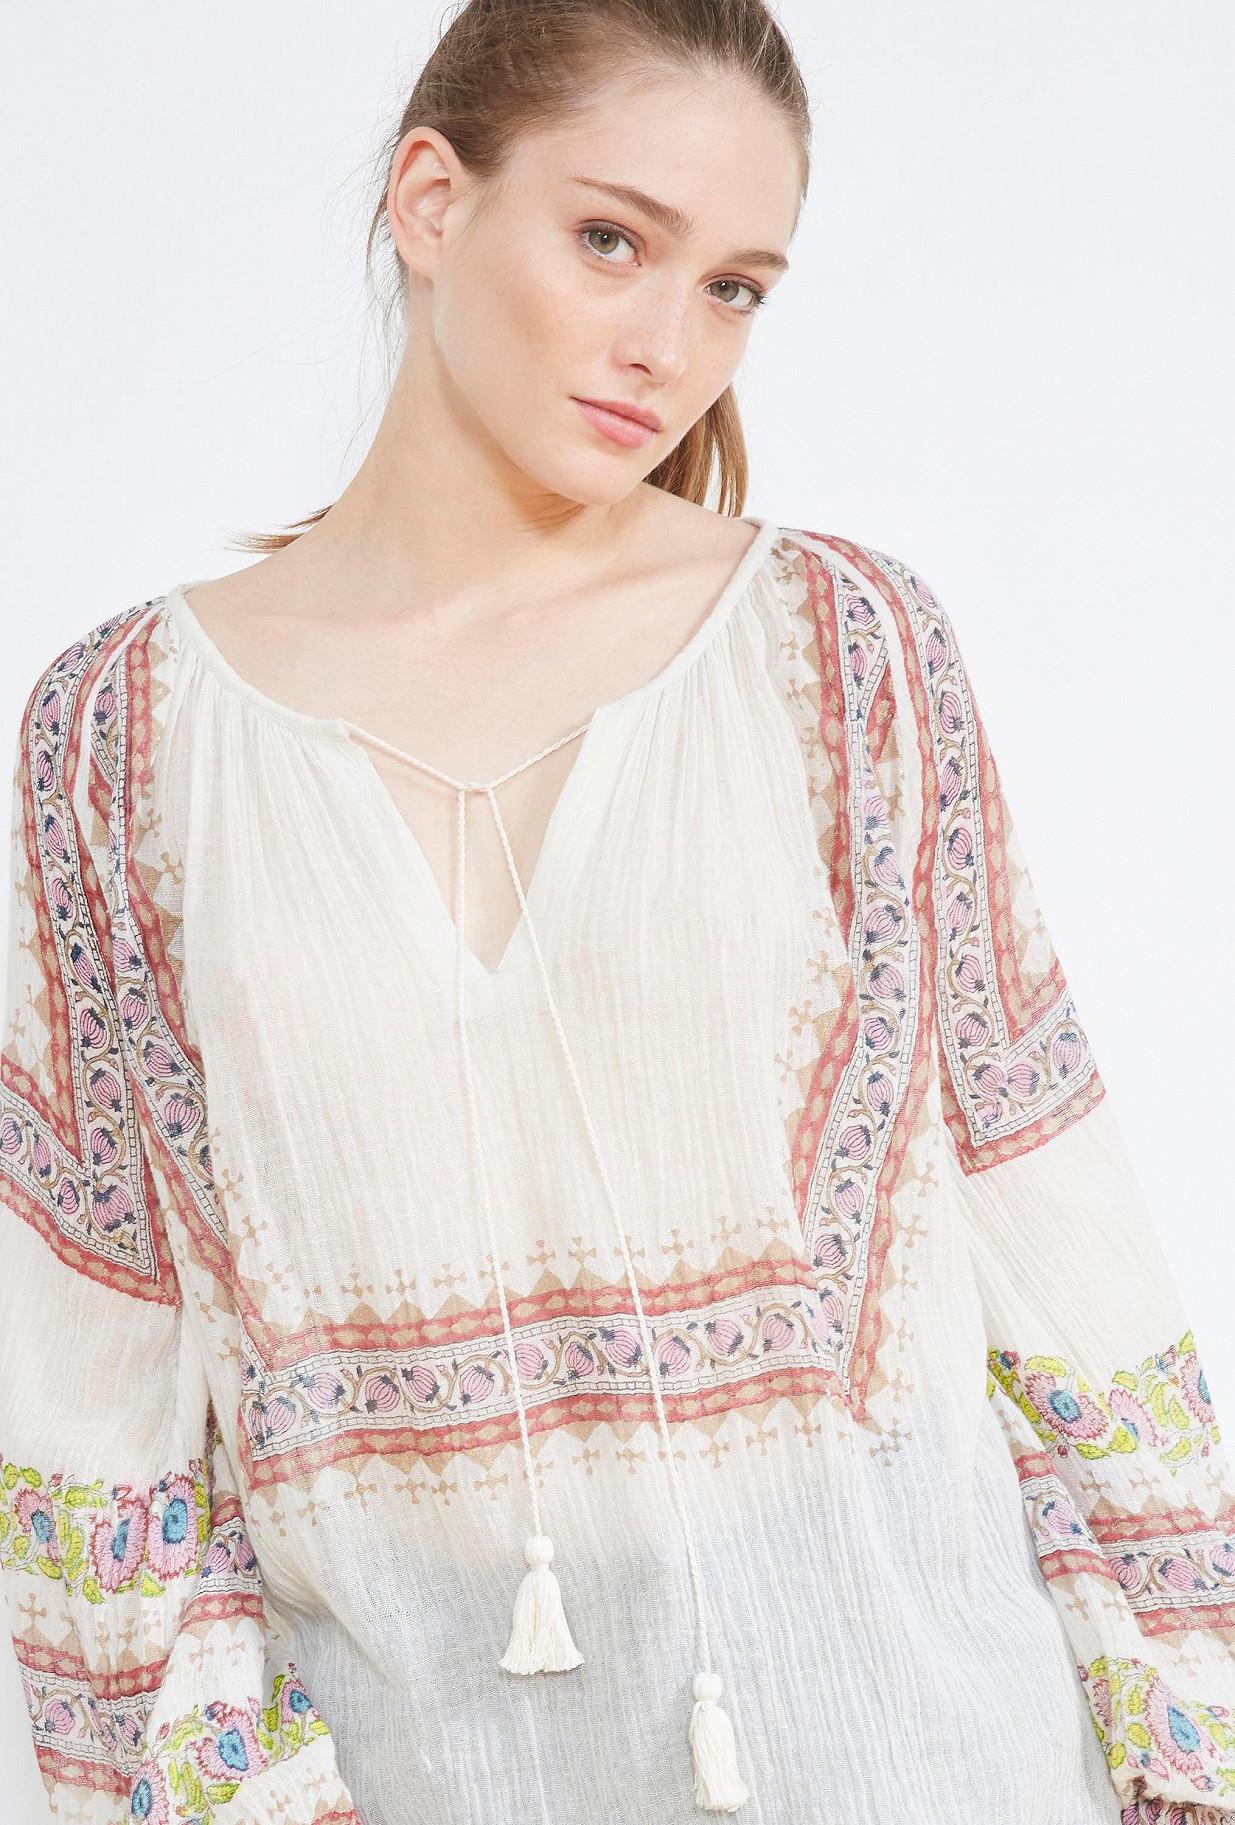 negozio di abbigliamento BLUSA Sheela Paris